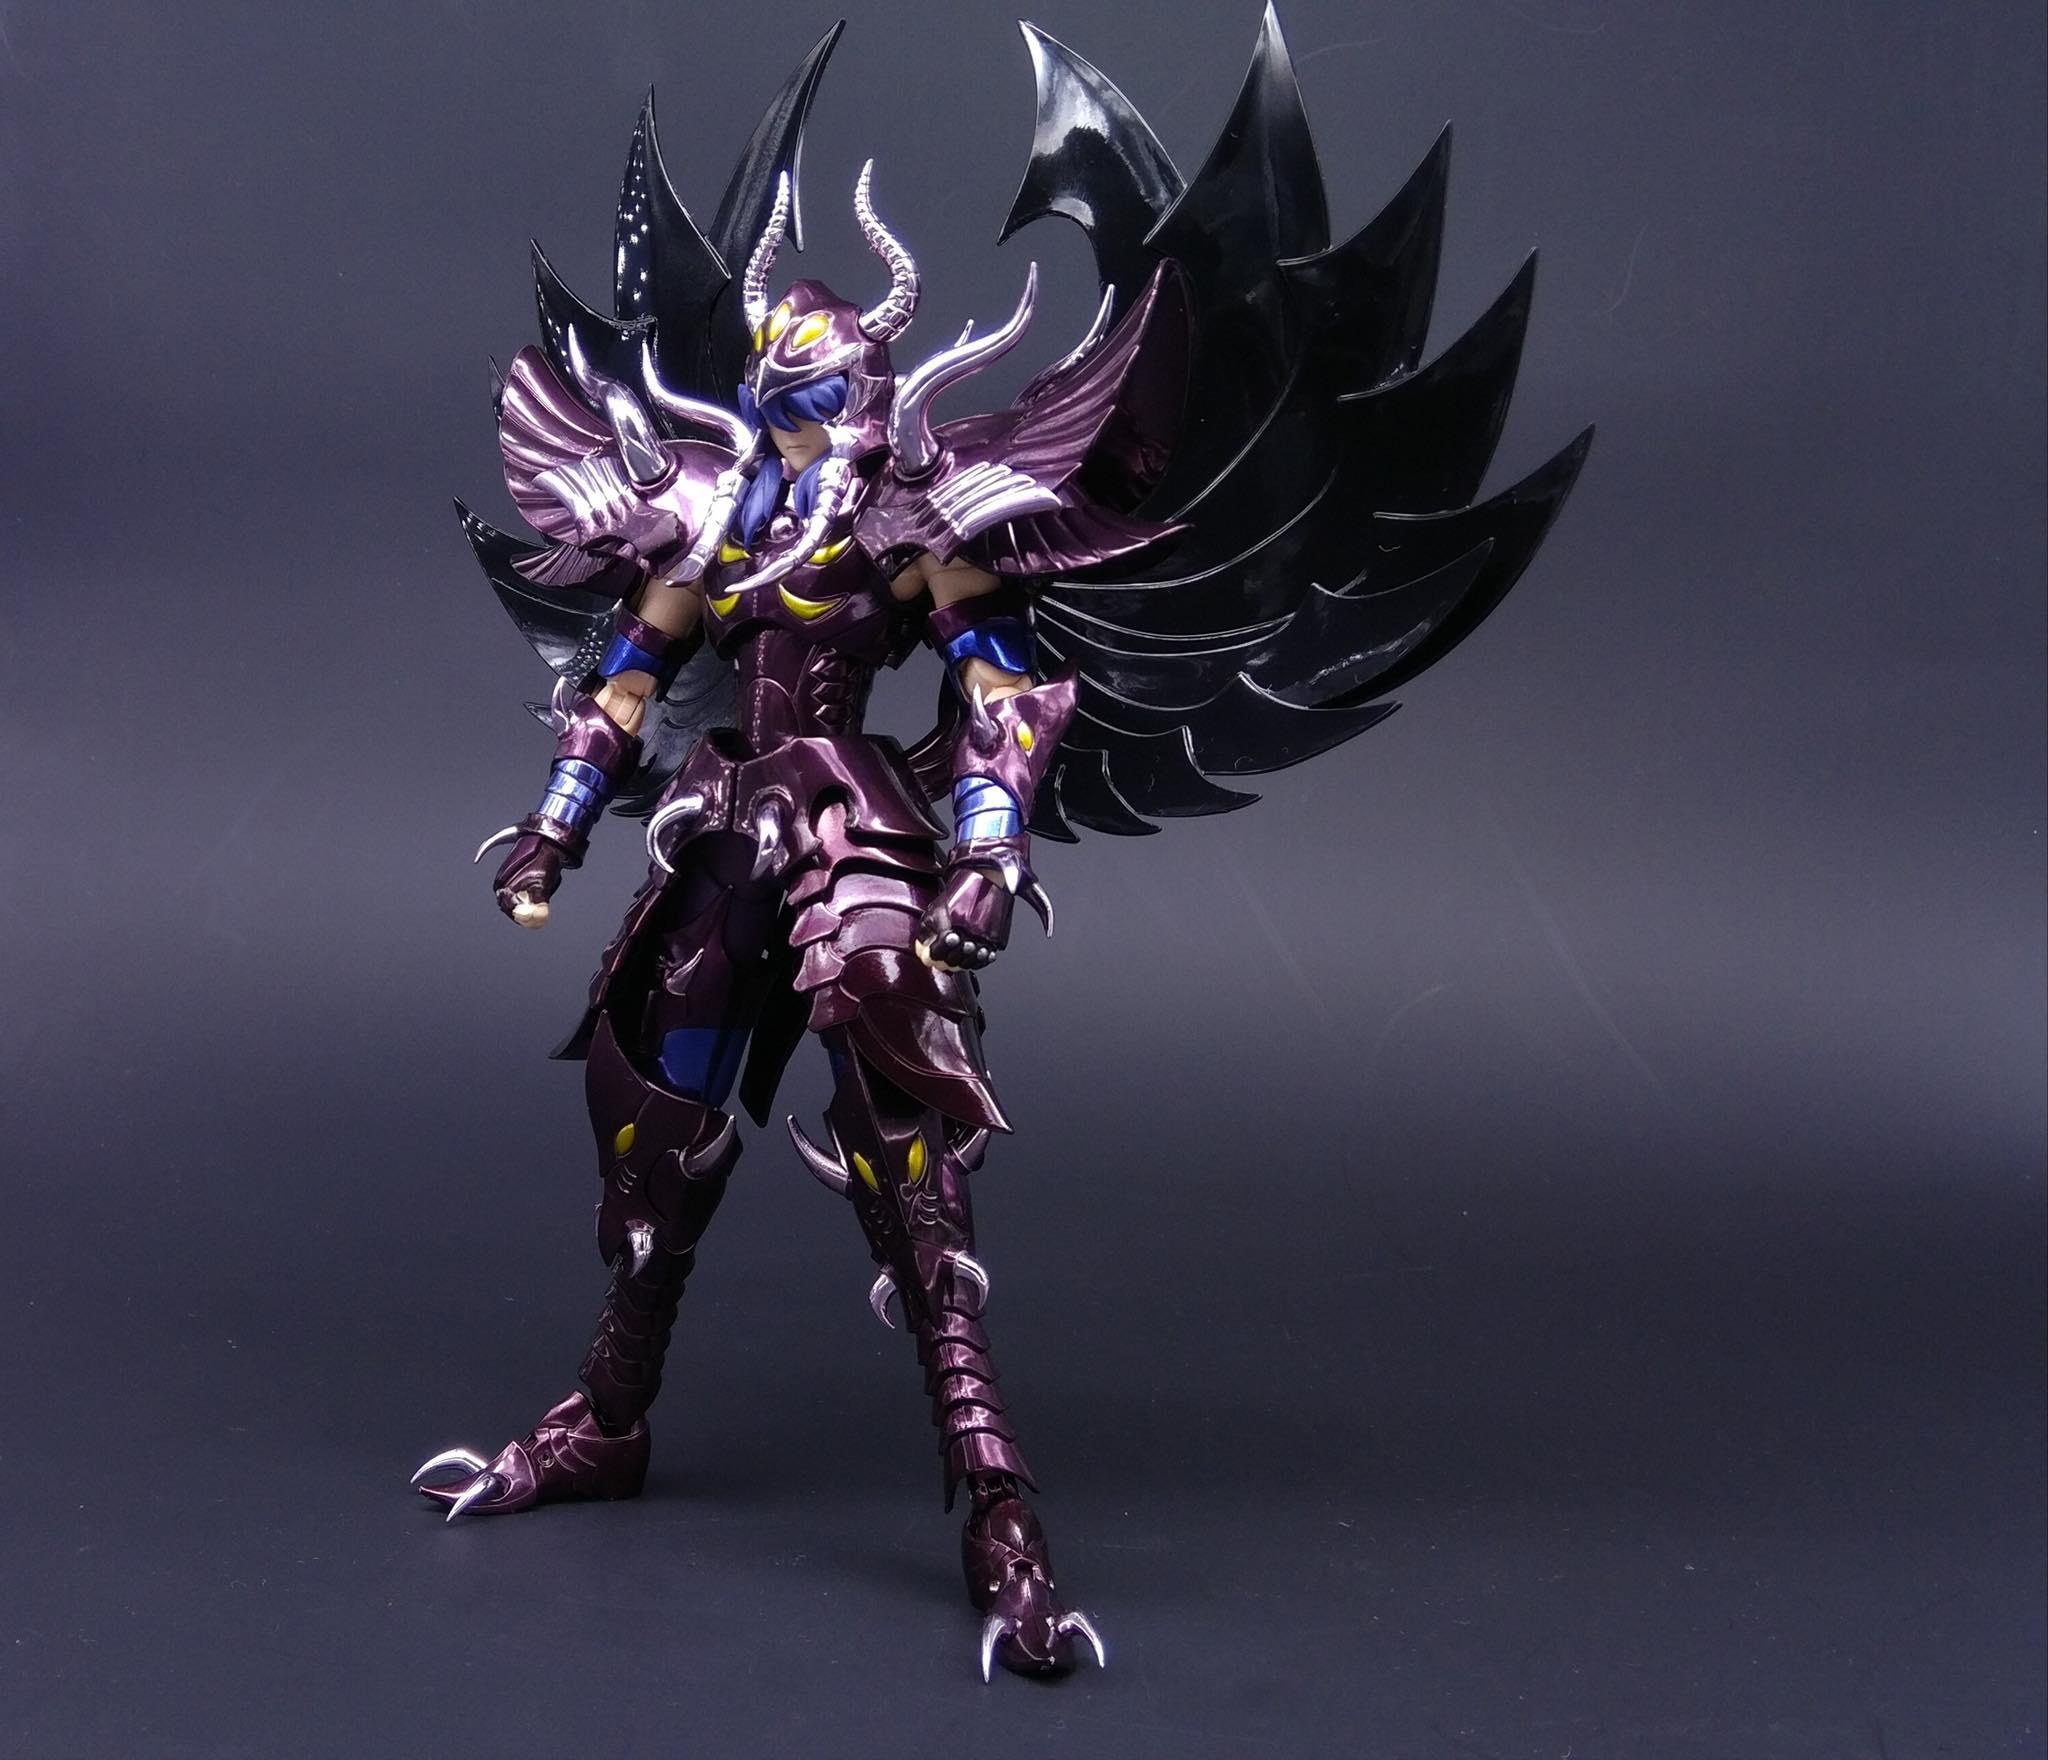 [Comentários] Aiacos de Garuda EX - Página 2 1OLdMIjY_o